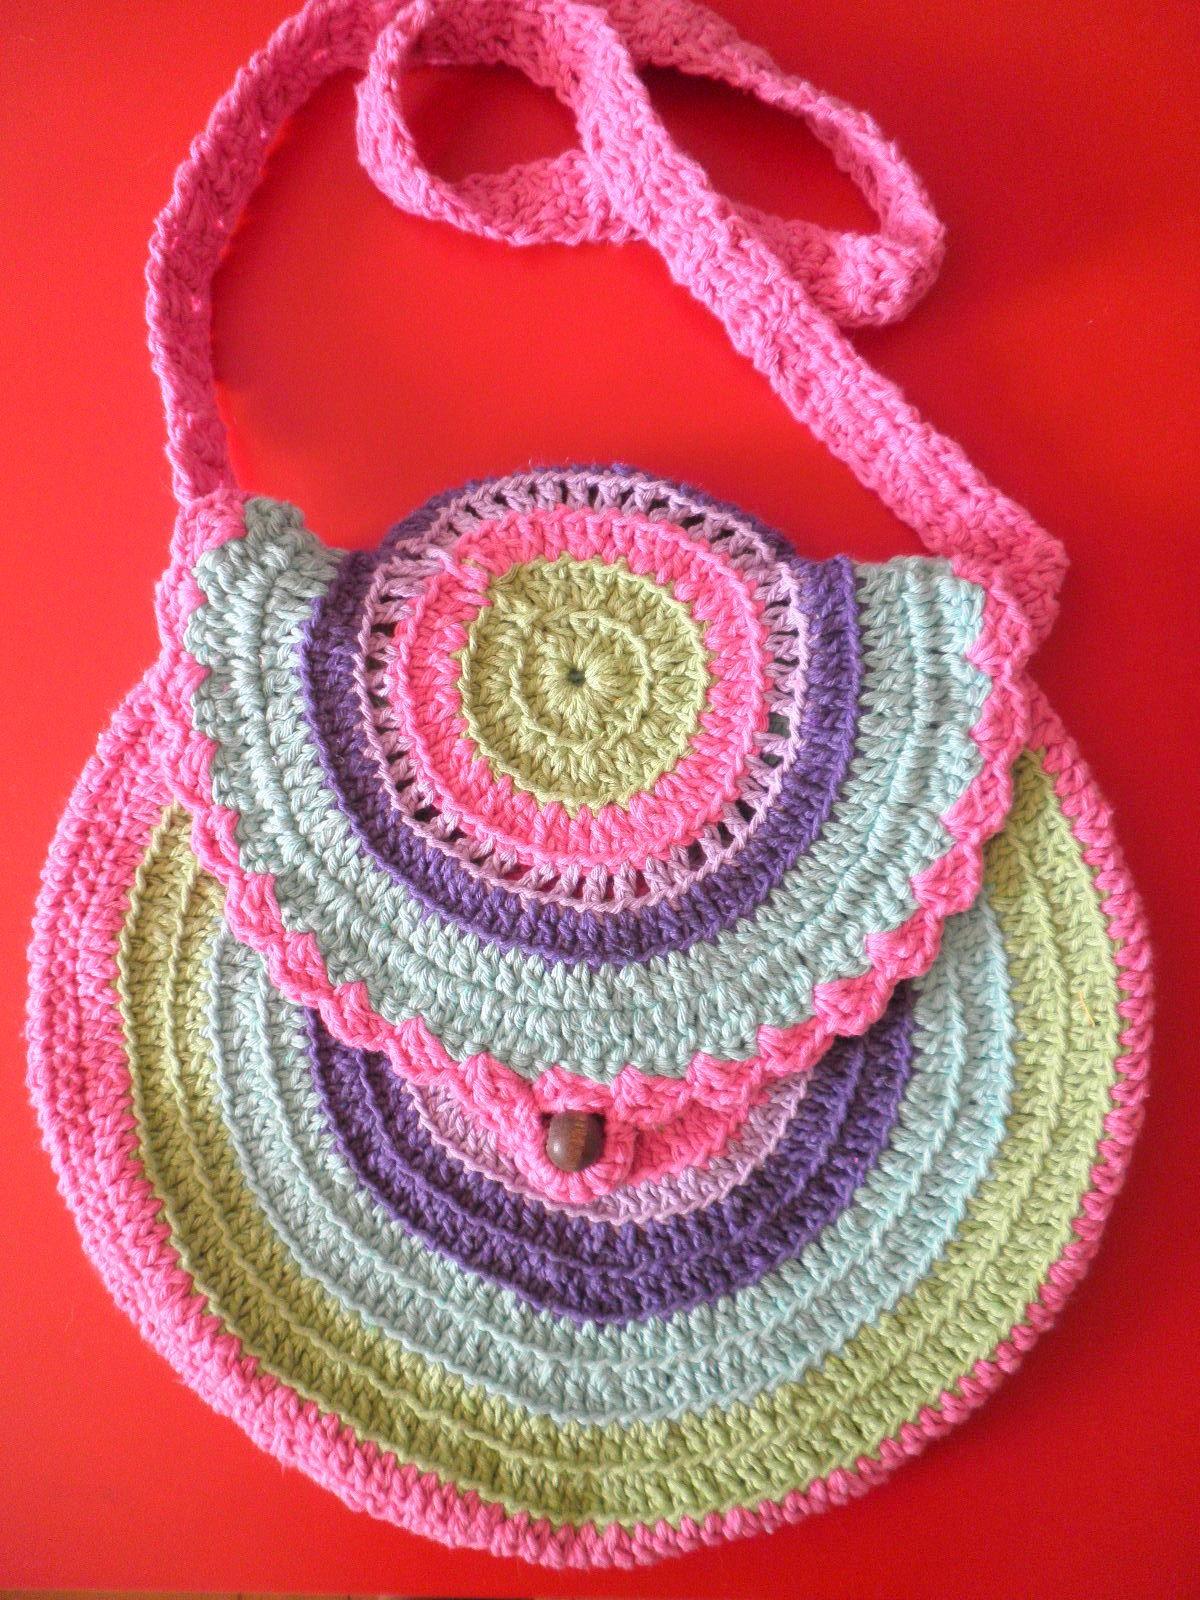 Bolsa De Croche Para Casamento : Bolsa de croch? d?bora costa elo